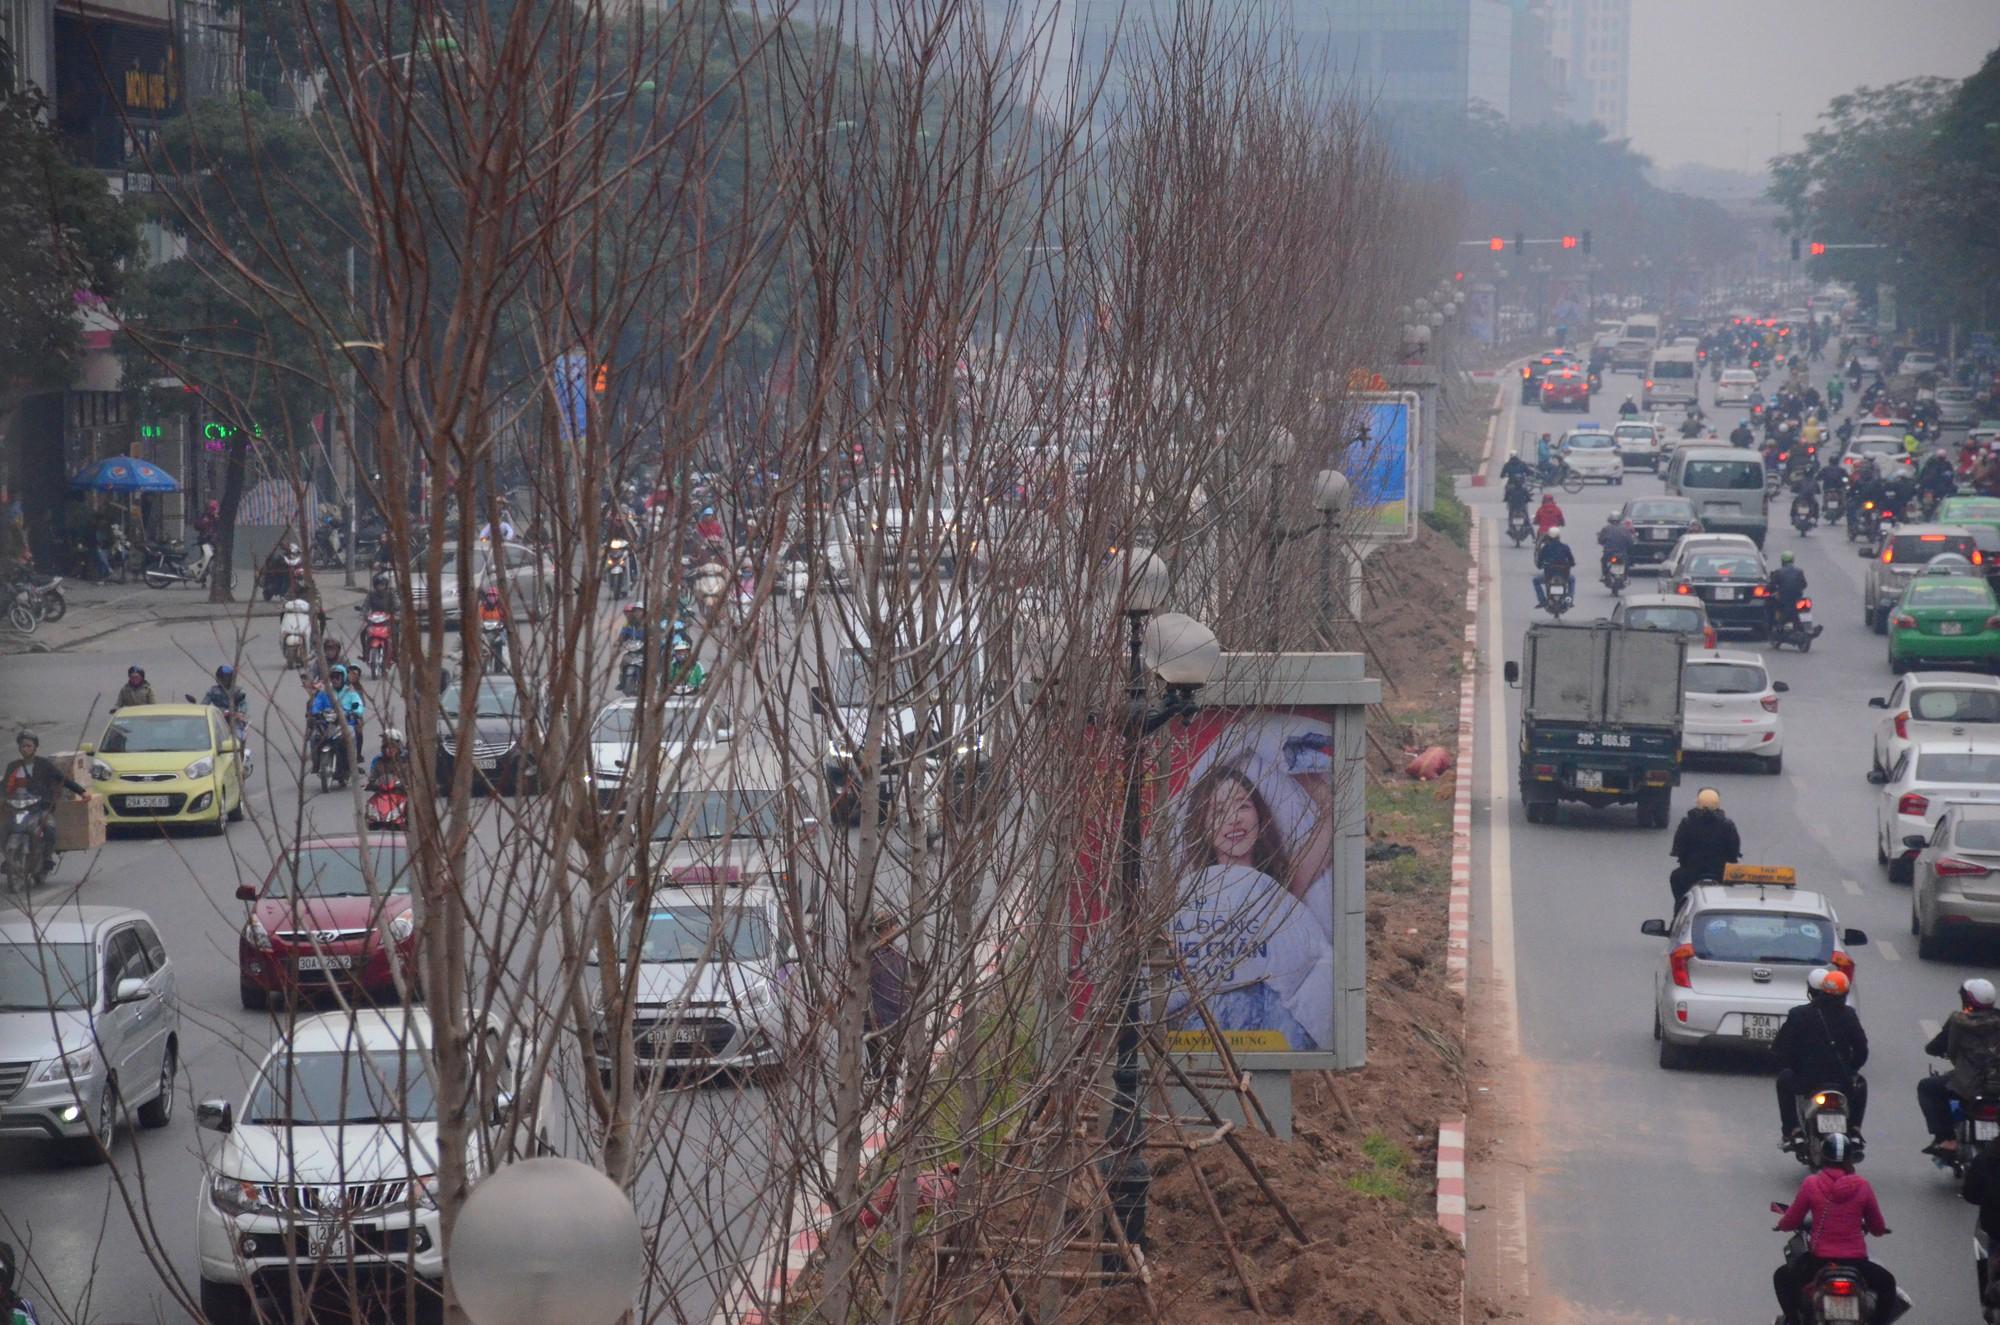 Chùm ảnh: Tận thấy hàng trăm cây phong lá đỏ mới được trồng trên phố Trần Duy Hưng ở Hà Nội - Ảnh 7.